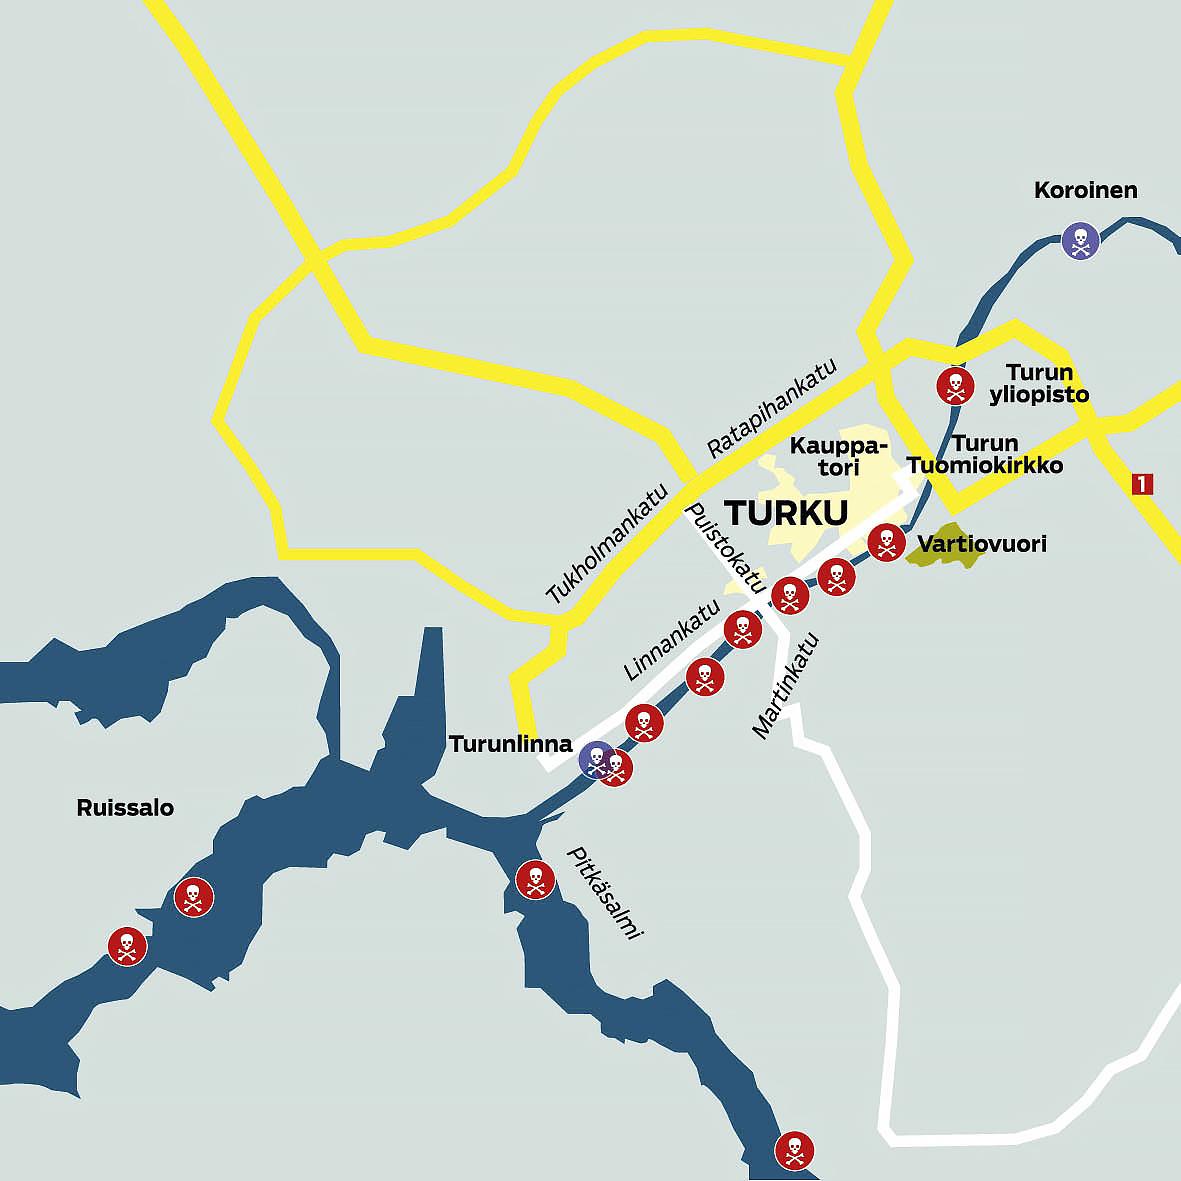 Vuosien 2000–2017 aikana Turussa on kadonnut toistakymmentä nuorta miestä, mikä ruokkii tarinaa, että alueella liikkuu sarjamurhaaja. Joen petollisuutta selittää sen reitti aivan Turun ydinkeskustassa. Jussi Marttilan kokoama kartta näyttää, että Aurajokeen on hukkunut ihmisiä koko sillä matkalla, jolla joki halkoo kaupunkia.